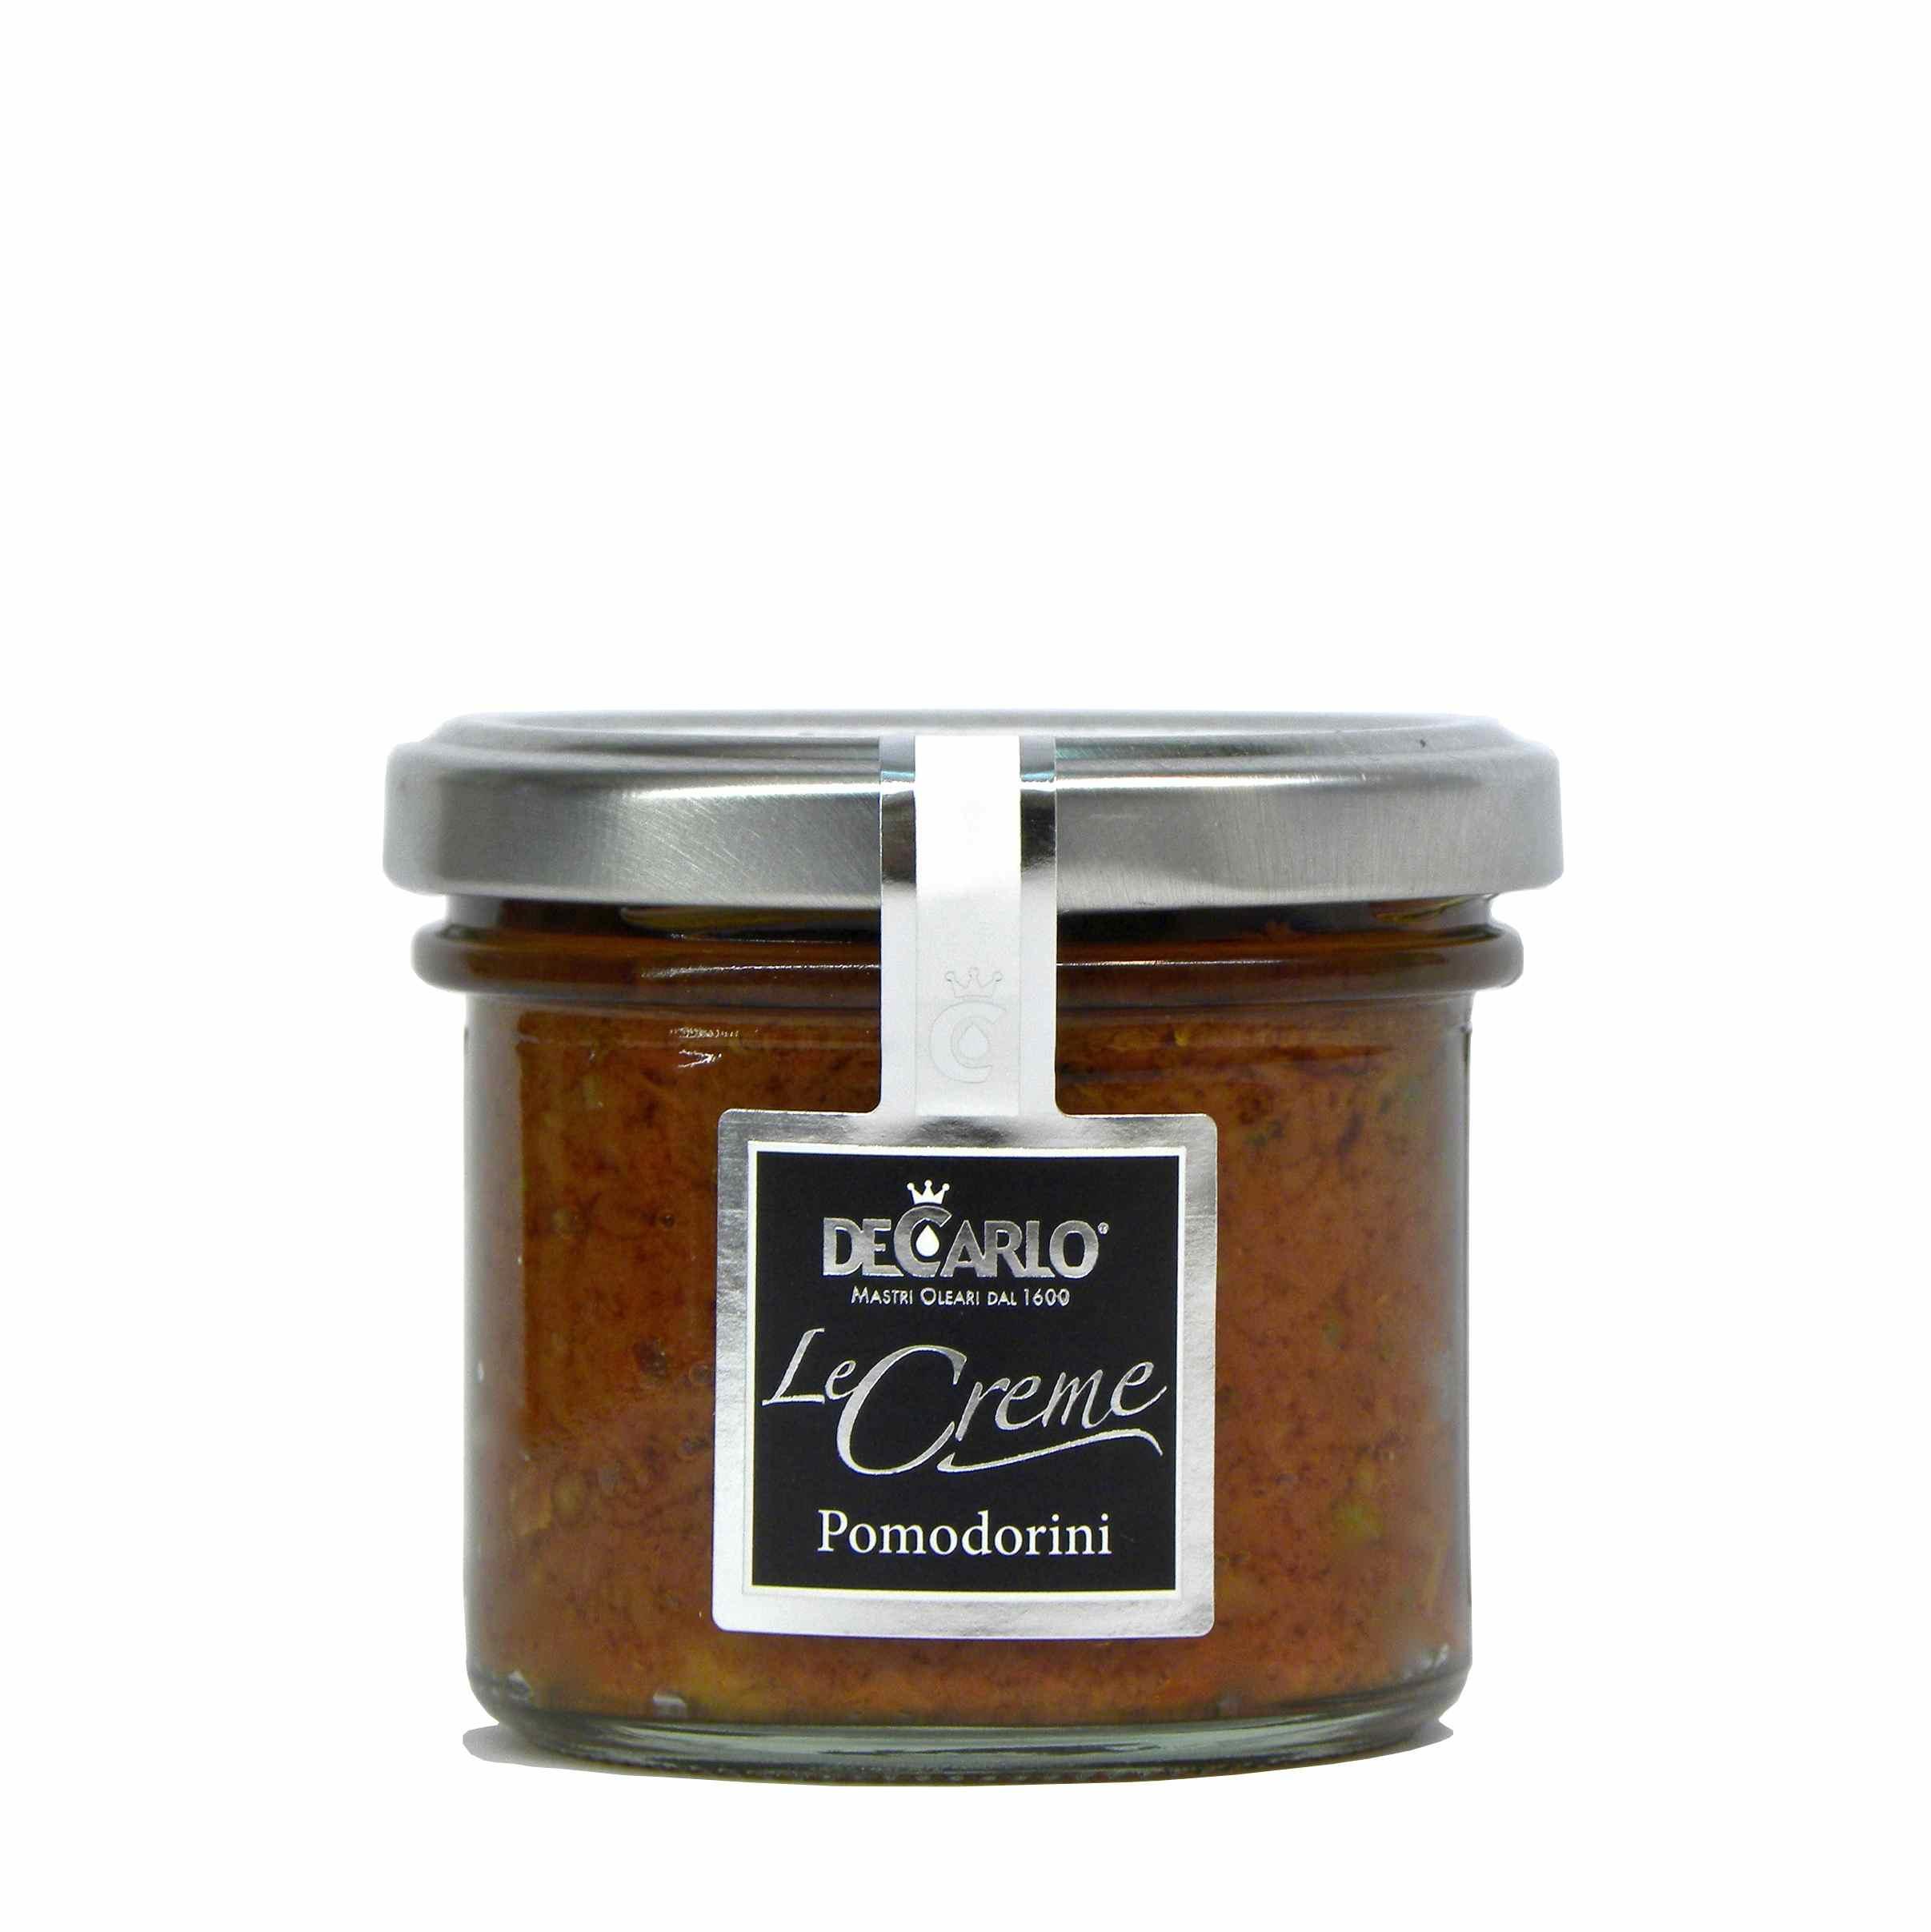 De Carlo crema pomodorini – De Carlo cherry tomato bruschetta – Gustorotondo – Italian food boutique